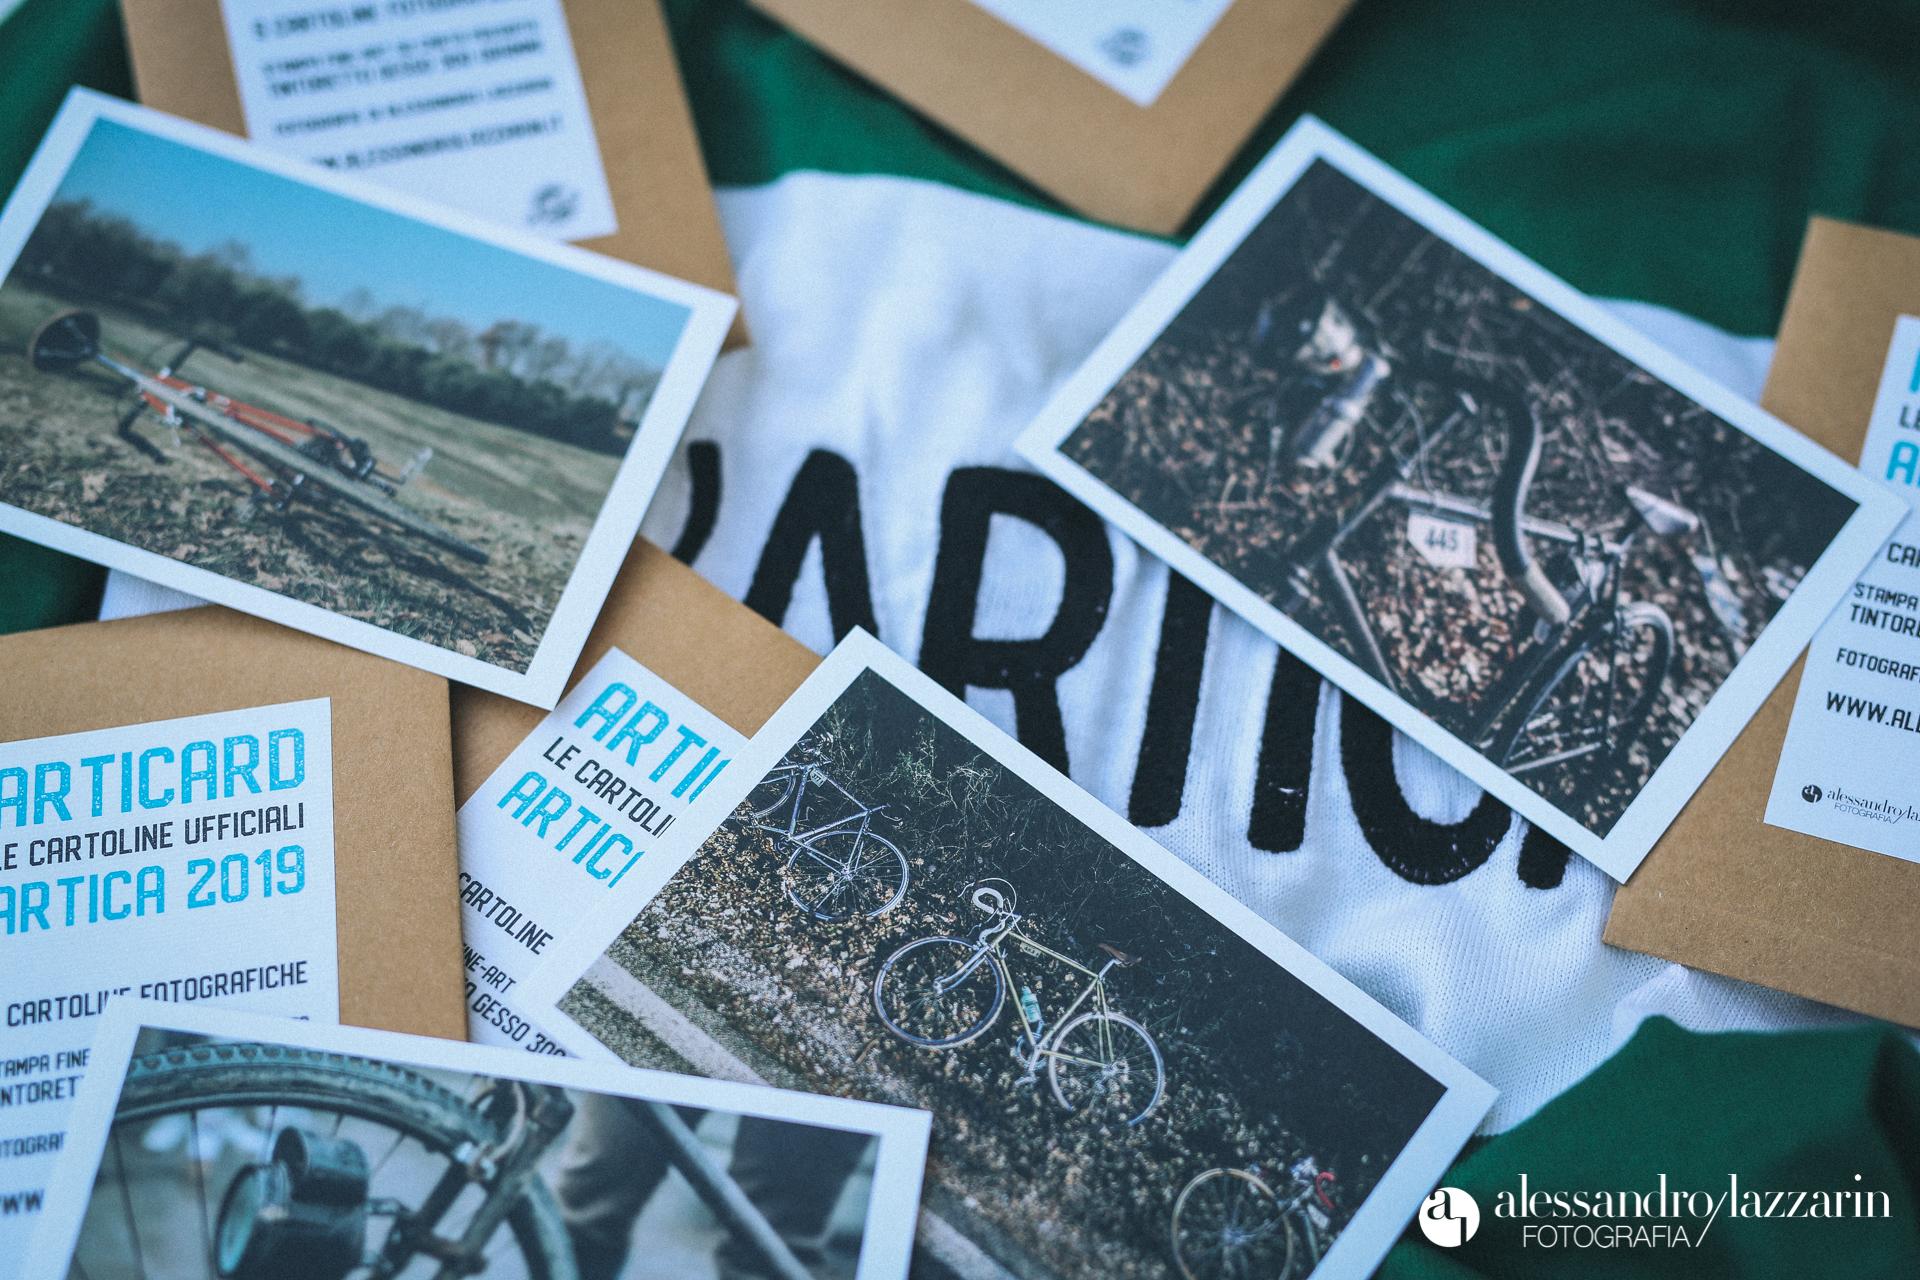 alessandro lazzarin, fotografo, artica 2019, lonigo, biciclette vintage, gara sportiva